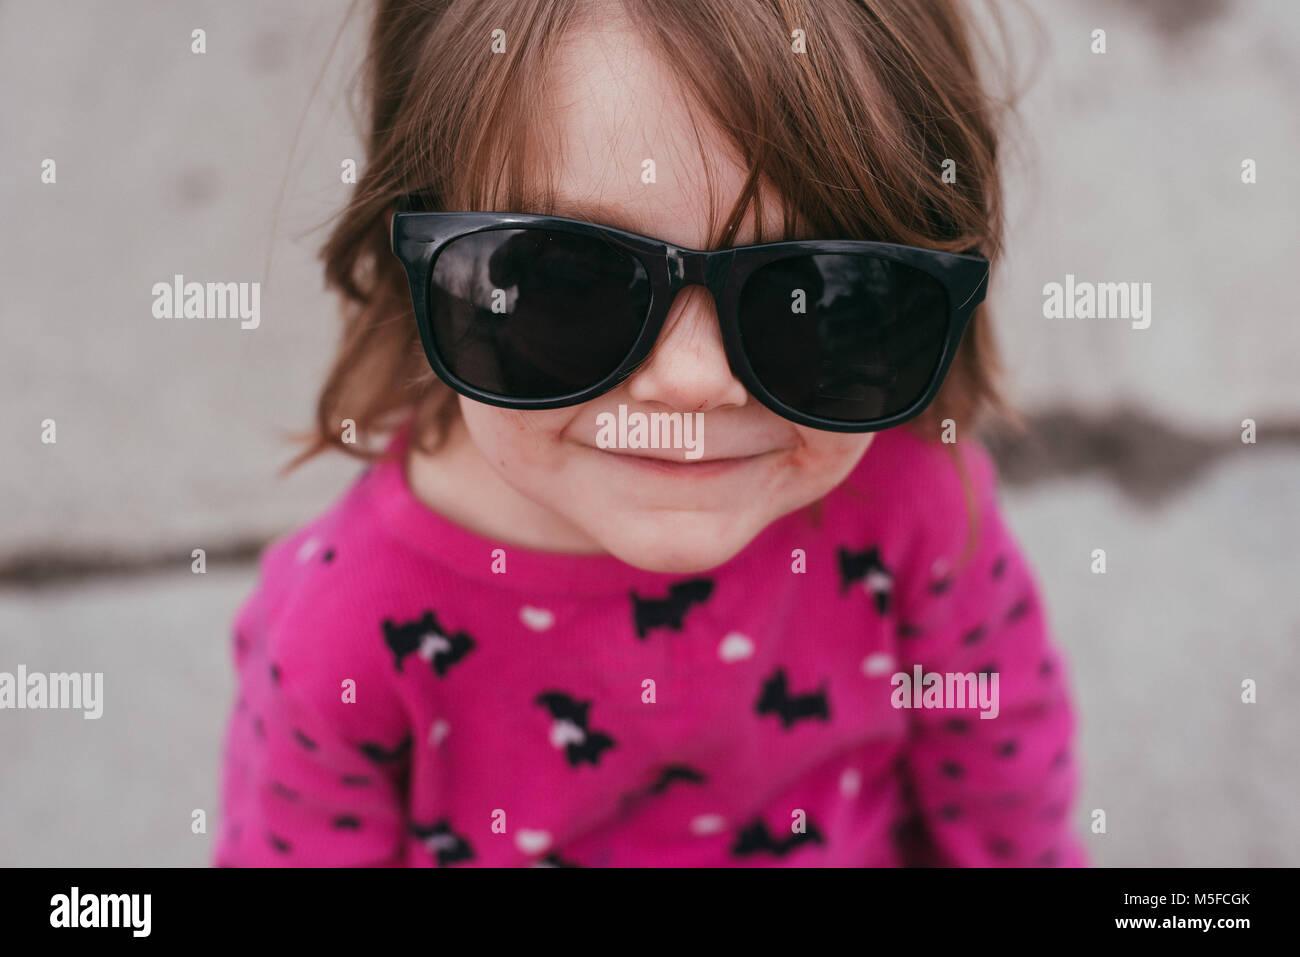 Un bambino bambina indossa una camicia rosa e occhiali da sole, in piedi su un marciapiede in un giorno caldo e Immagini Stock